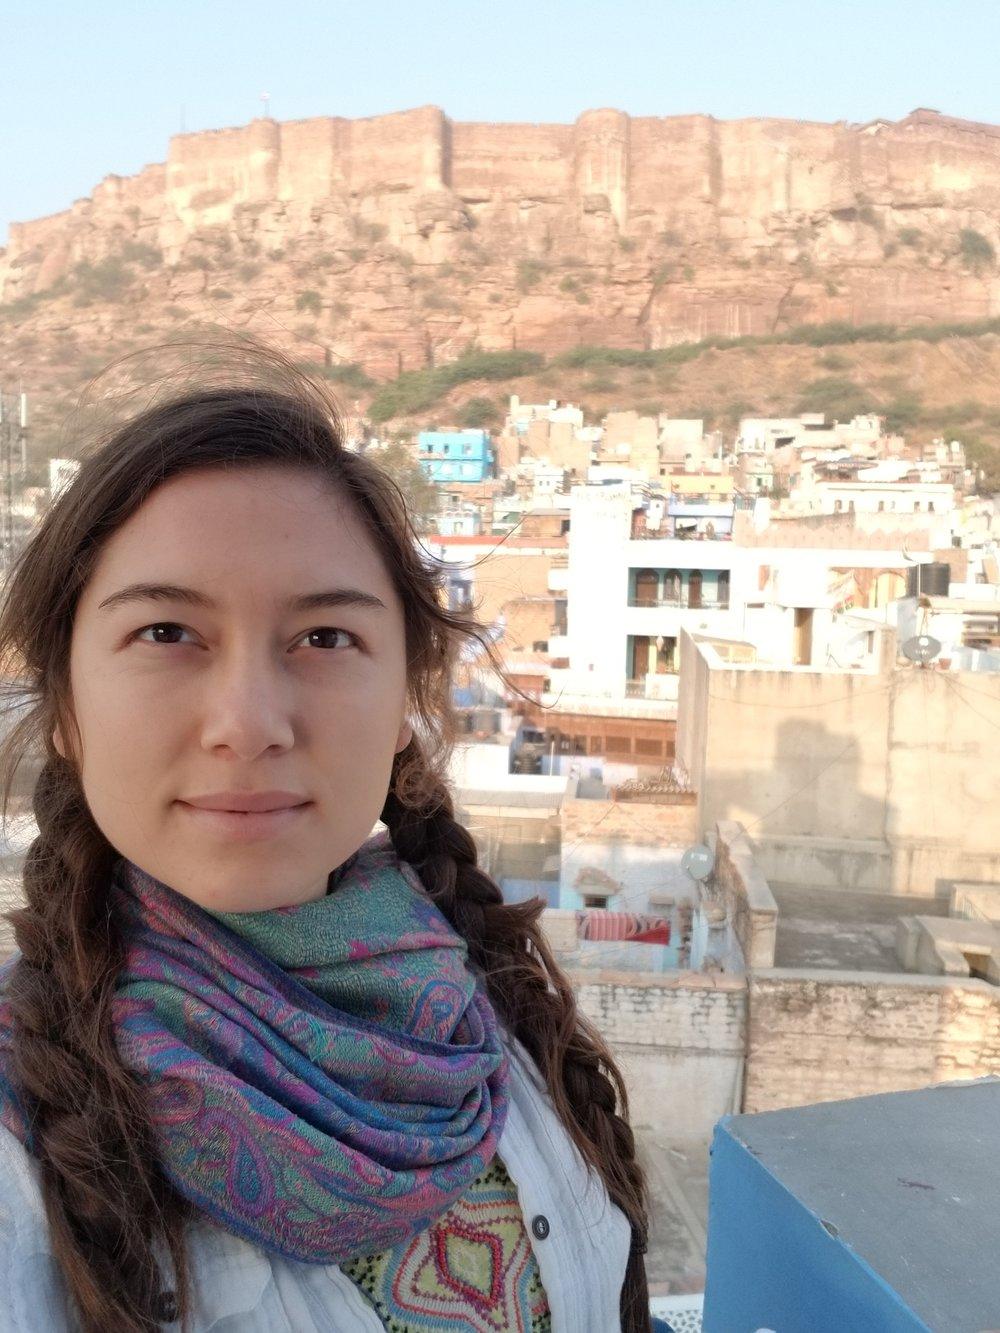 Jodhpur Fort, first selfie of #26